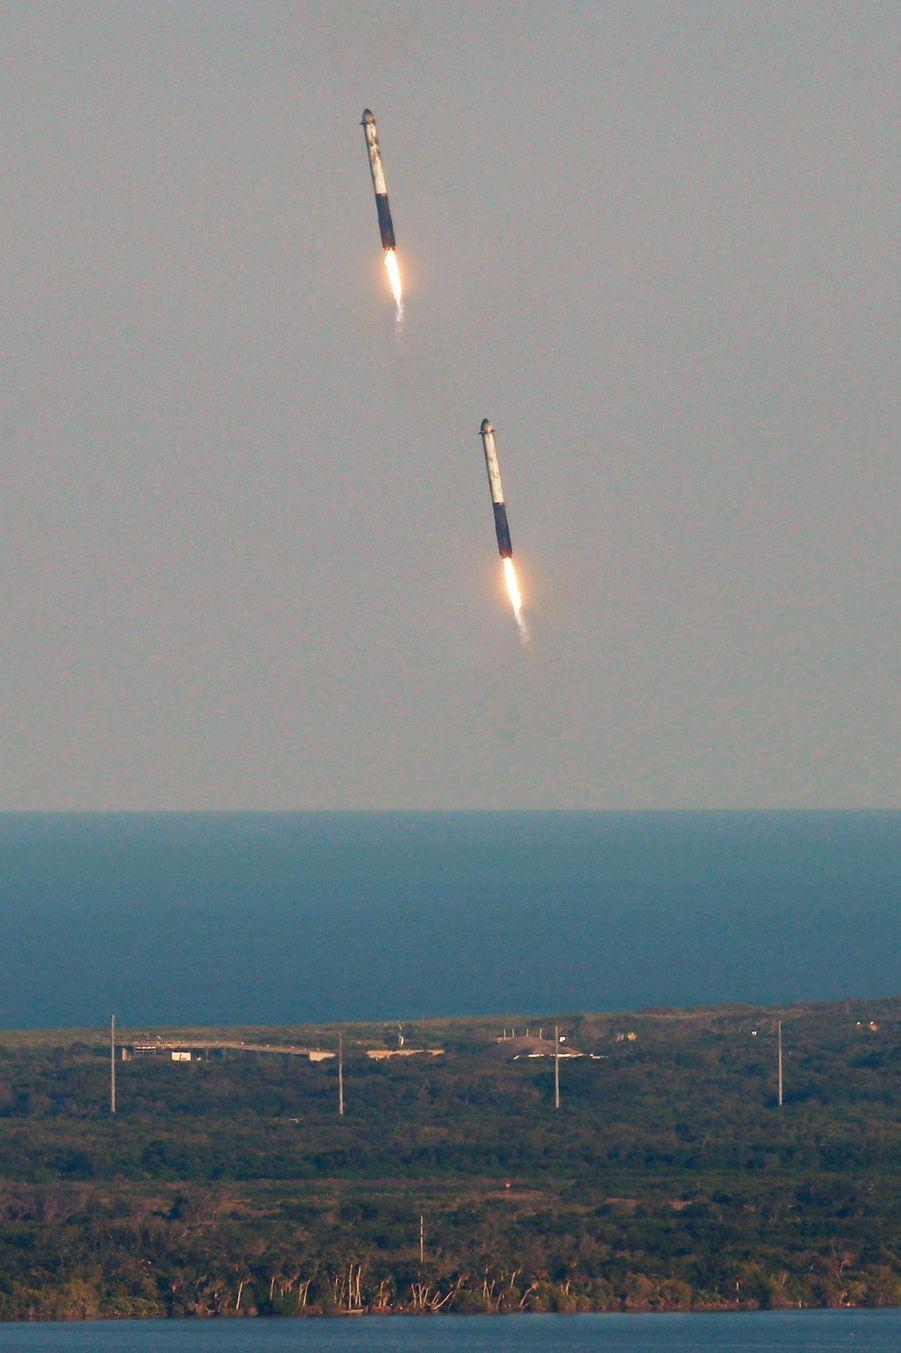 Les deux boosters de Falcon Heavy ont atterri sur Terre après avoir envoyé un satellite dans l'espace.